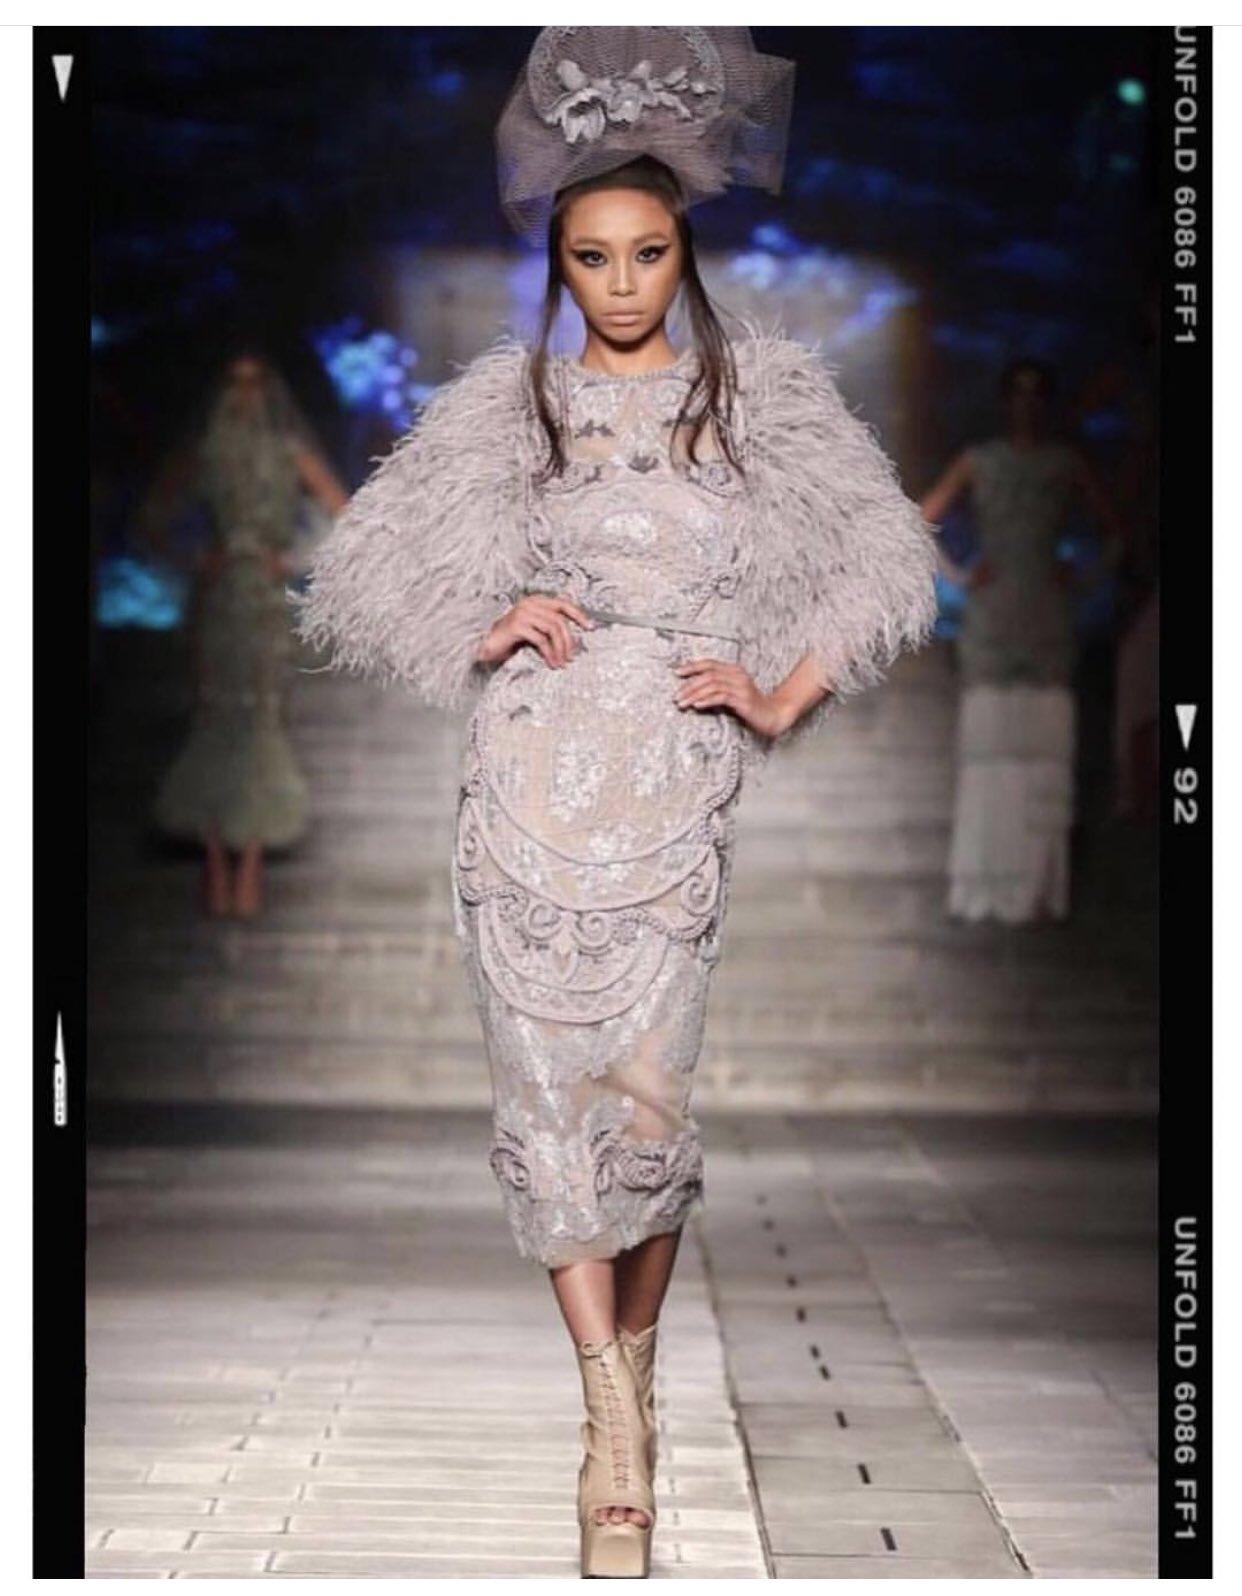 Maymay Entrata slays at Arab Fashion Week